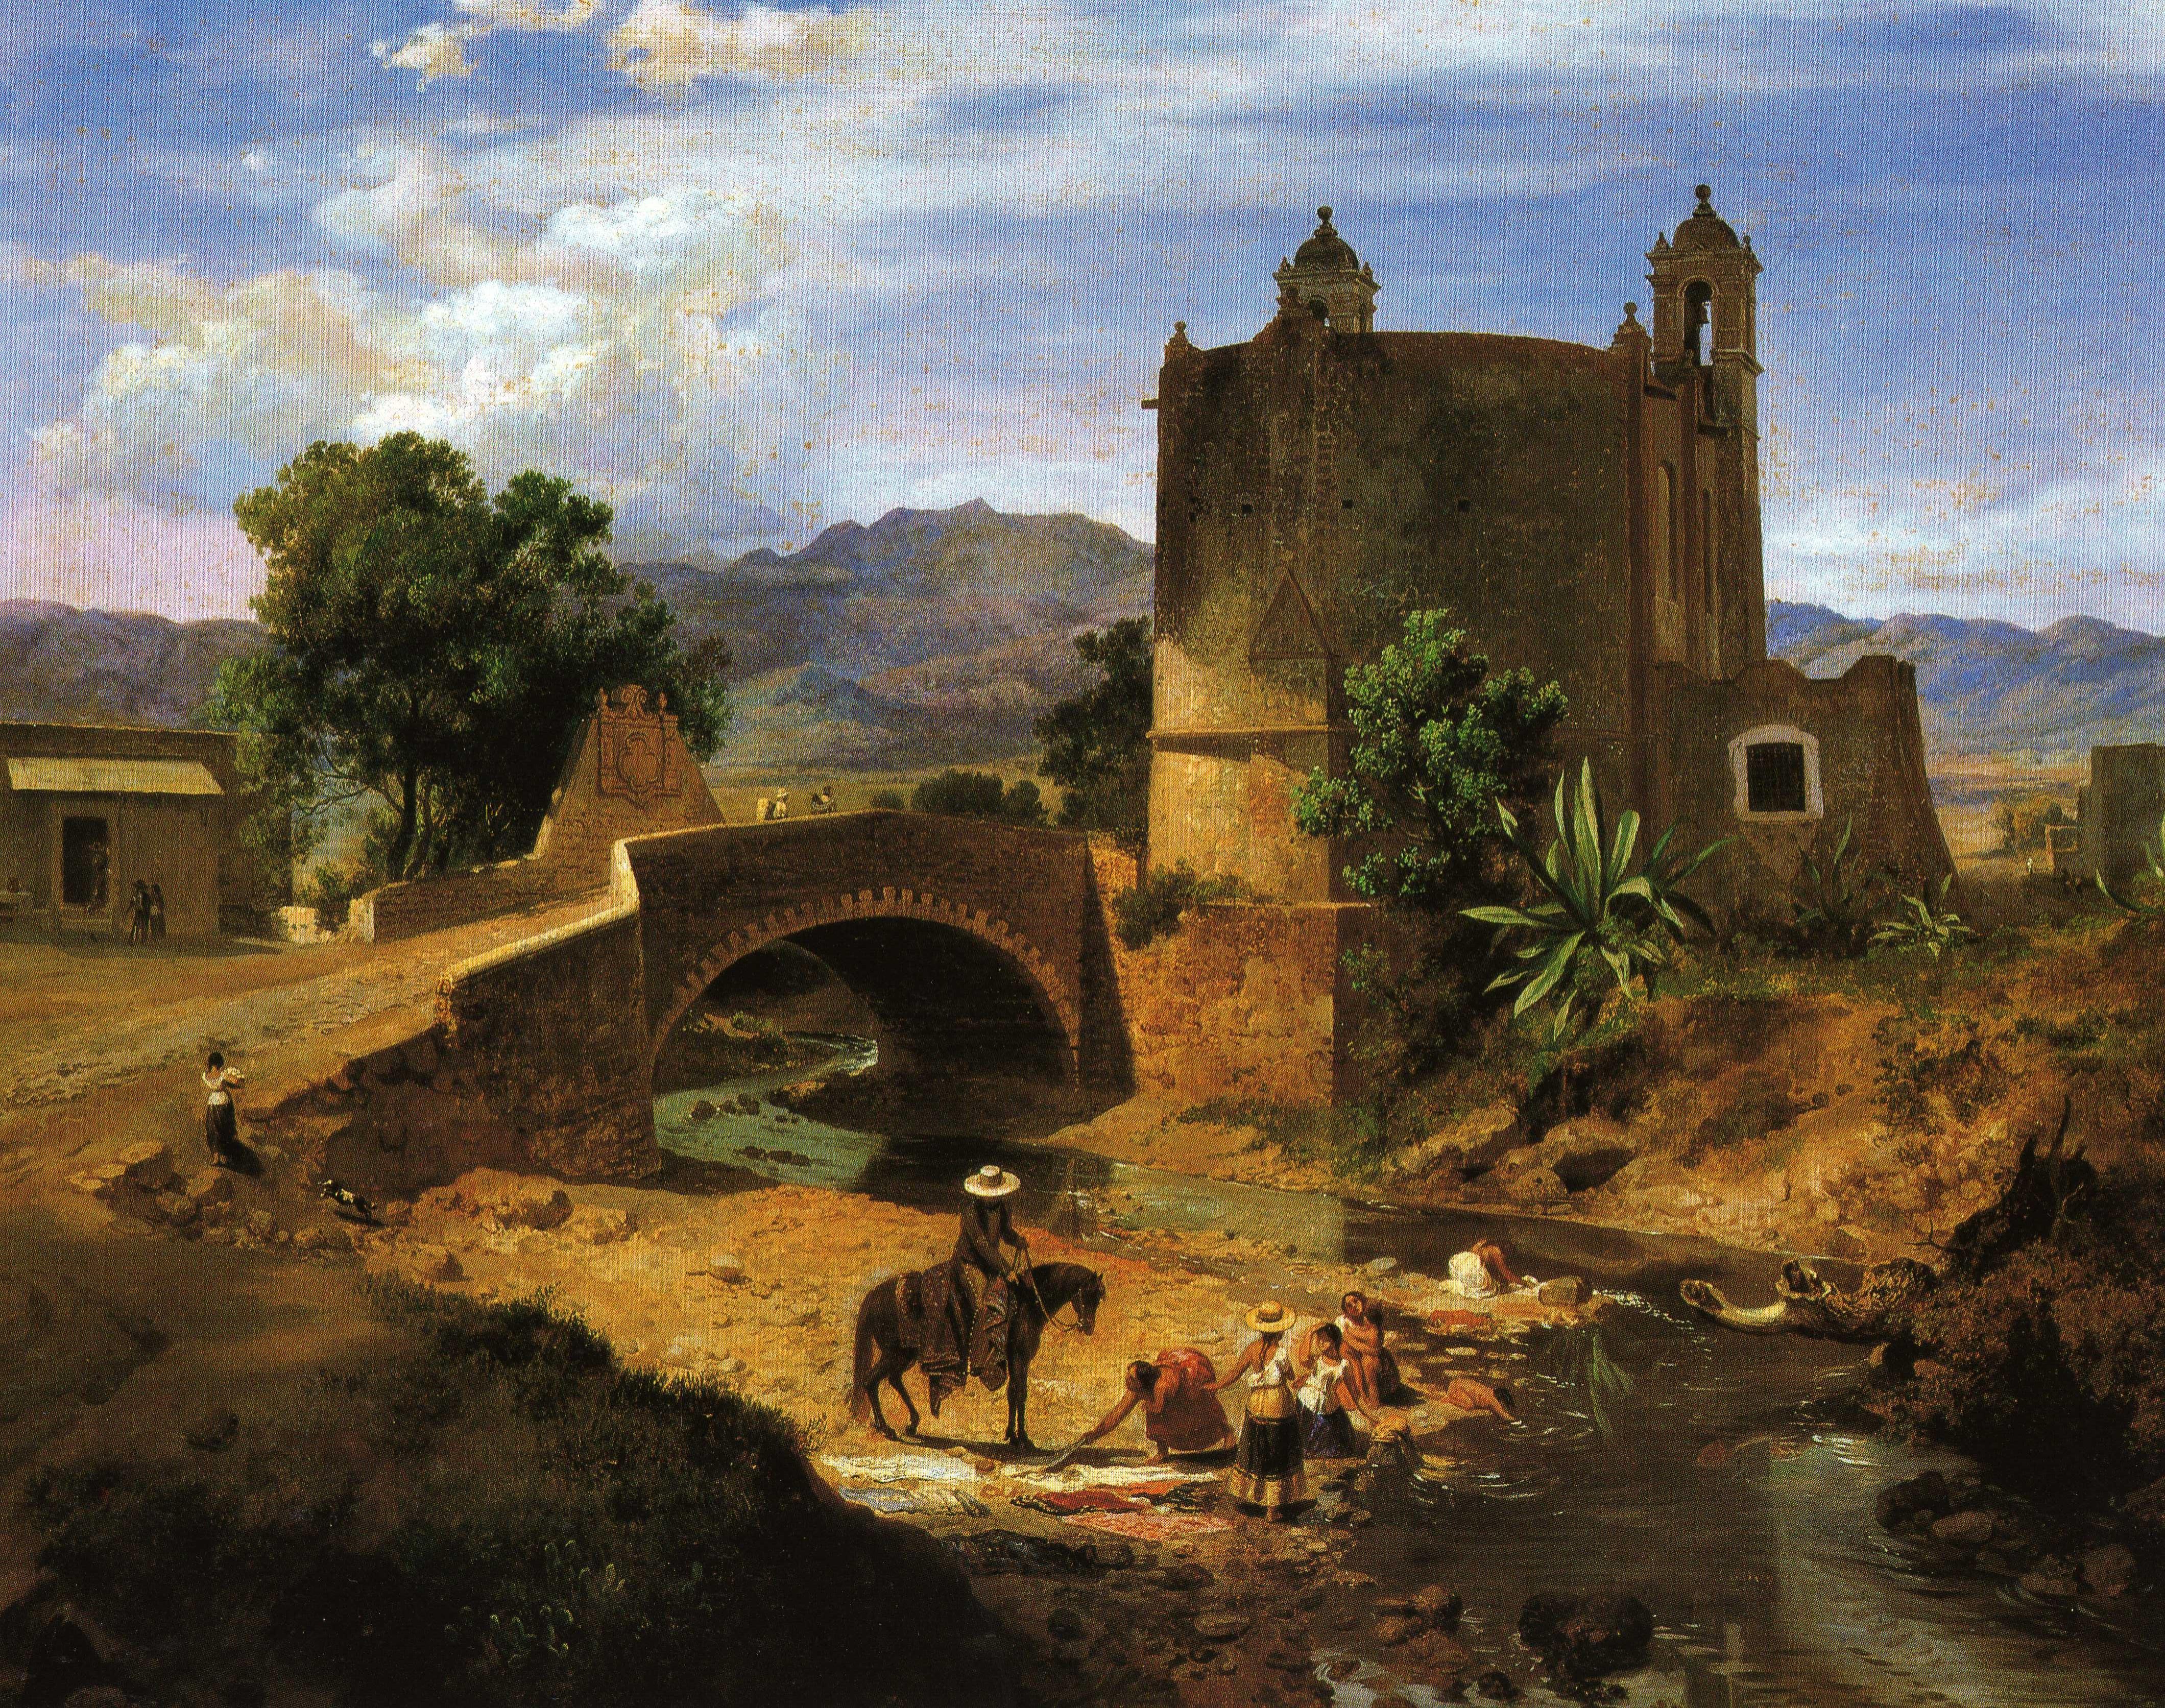 12. Eugenio Landesio, El puente de San Antonio en el camino a San A?ngel, 1855-MUNAL